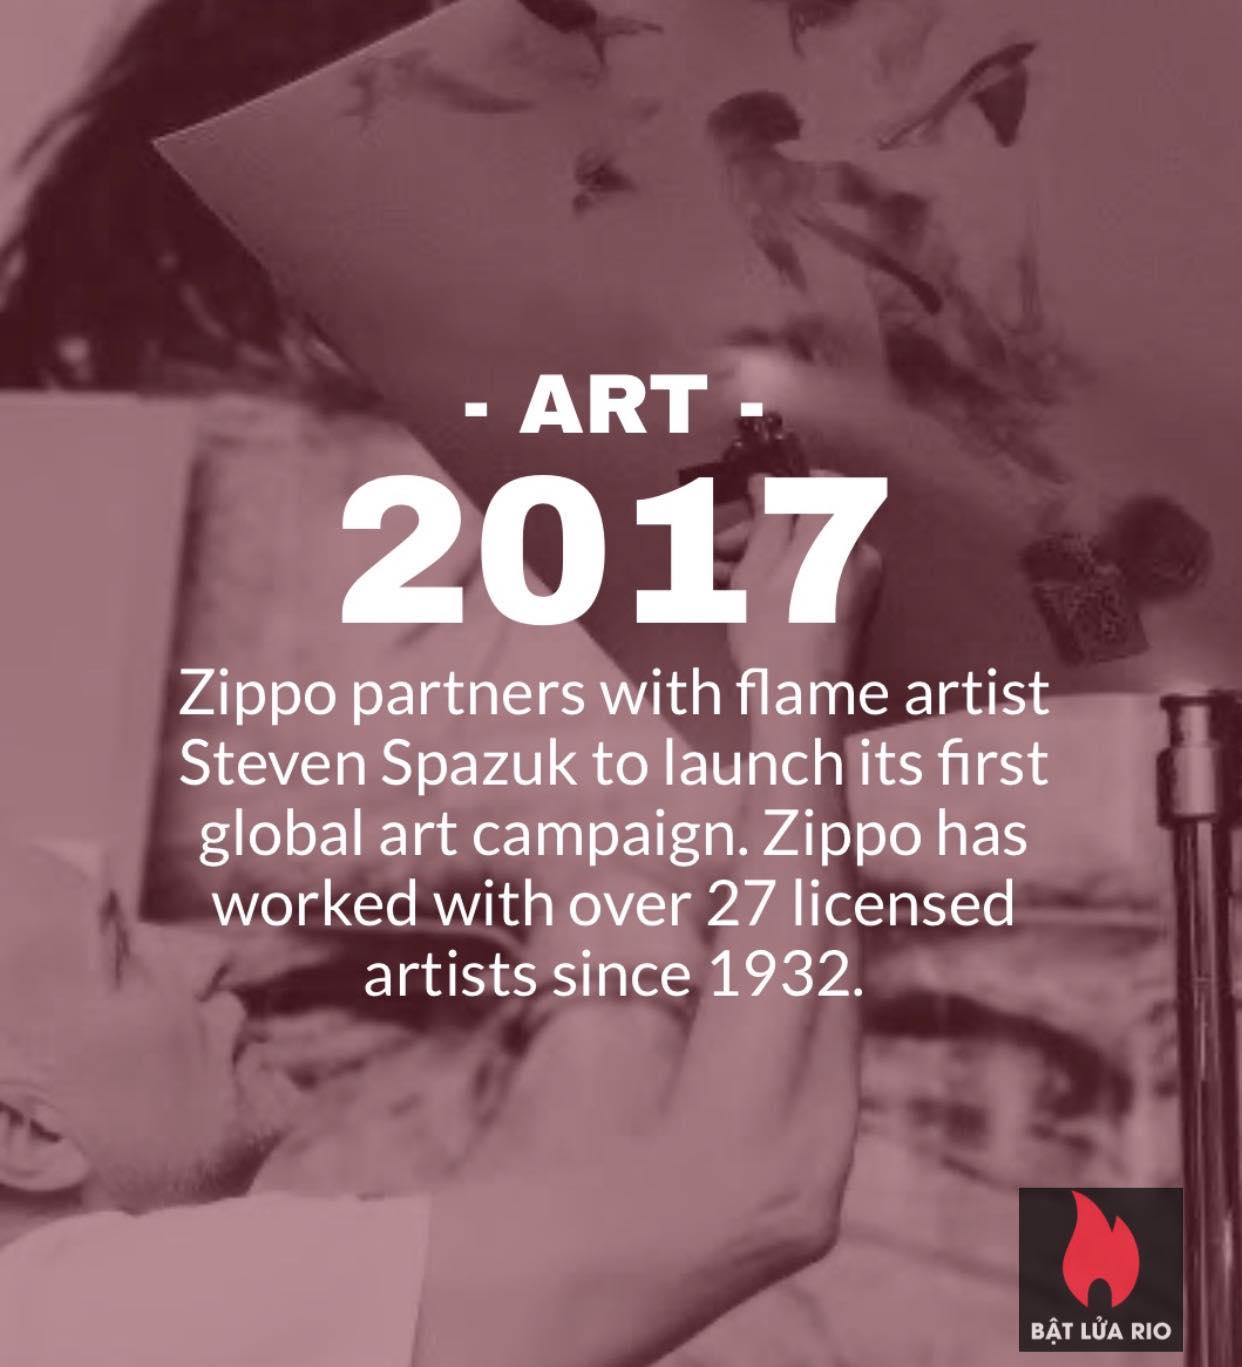 Chiếc bật lửa Zippo thứ 600 triệu trong lịch sử 18